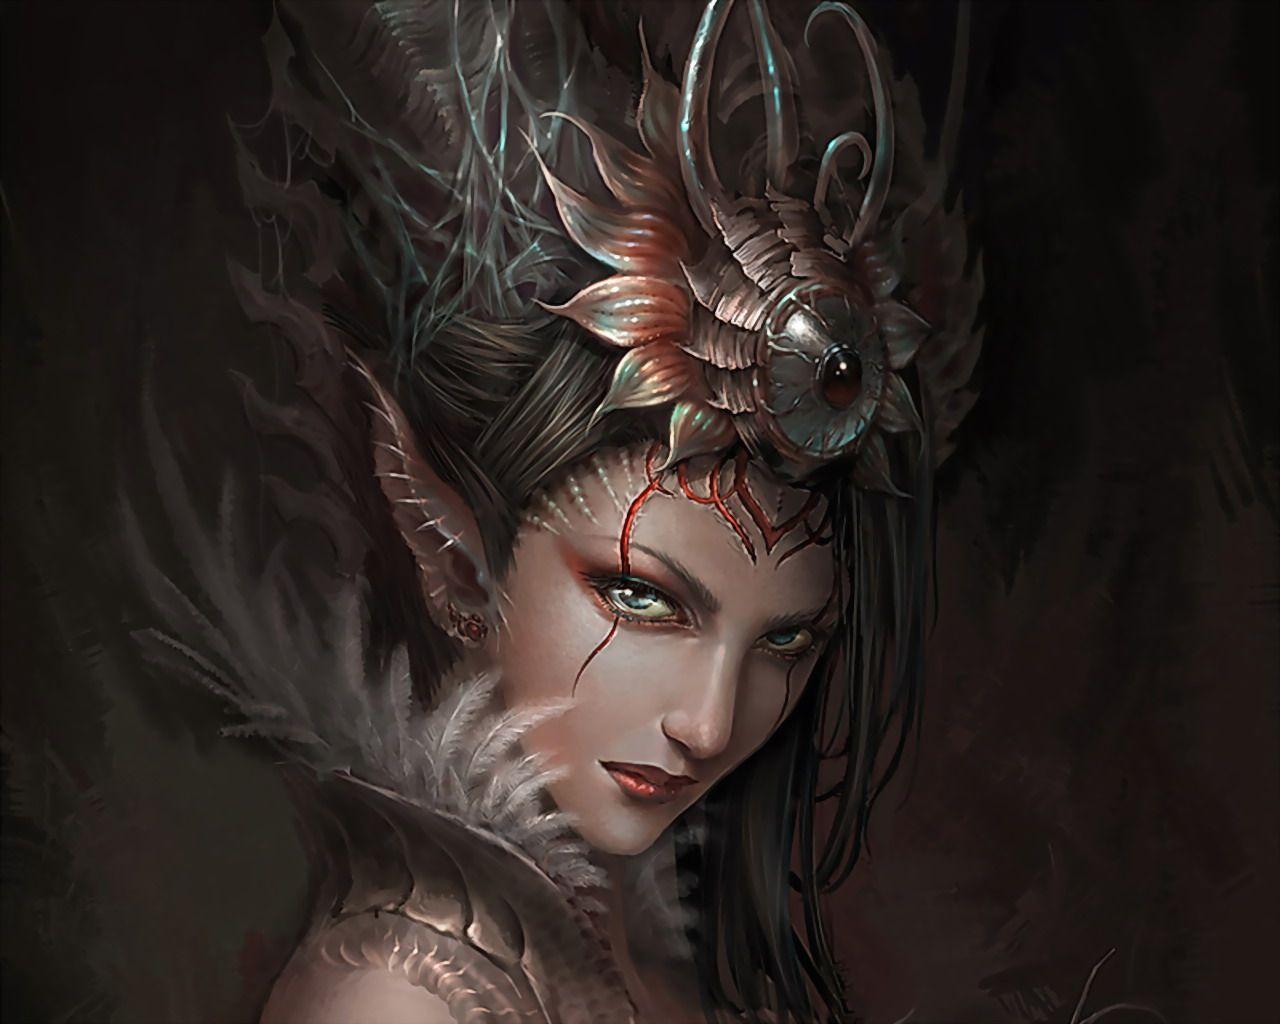 Elfe Fonds D Ecran 1280x1024 Id 251227 Fantasy Art Fantasy Characters Dark Fantasy